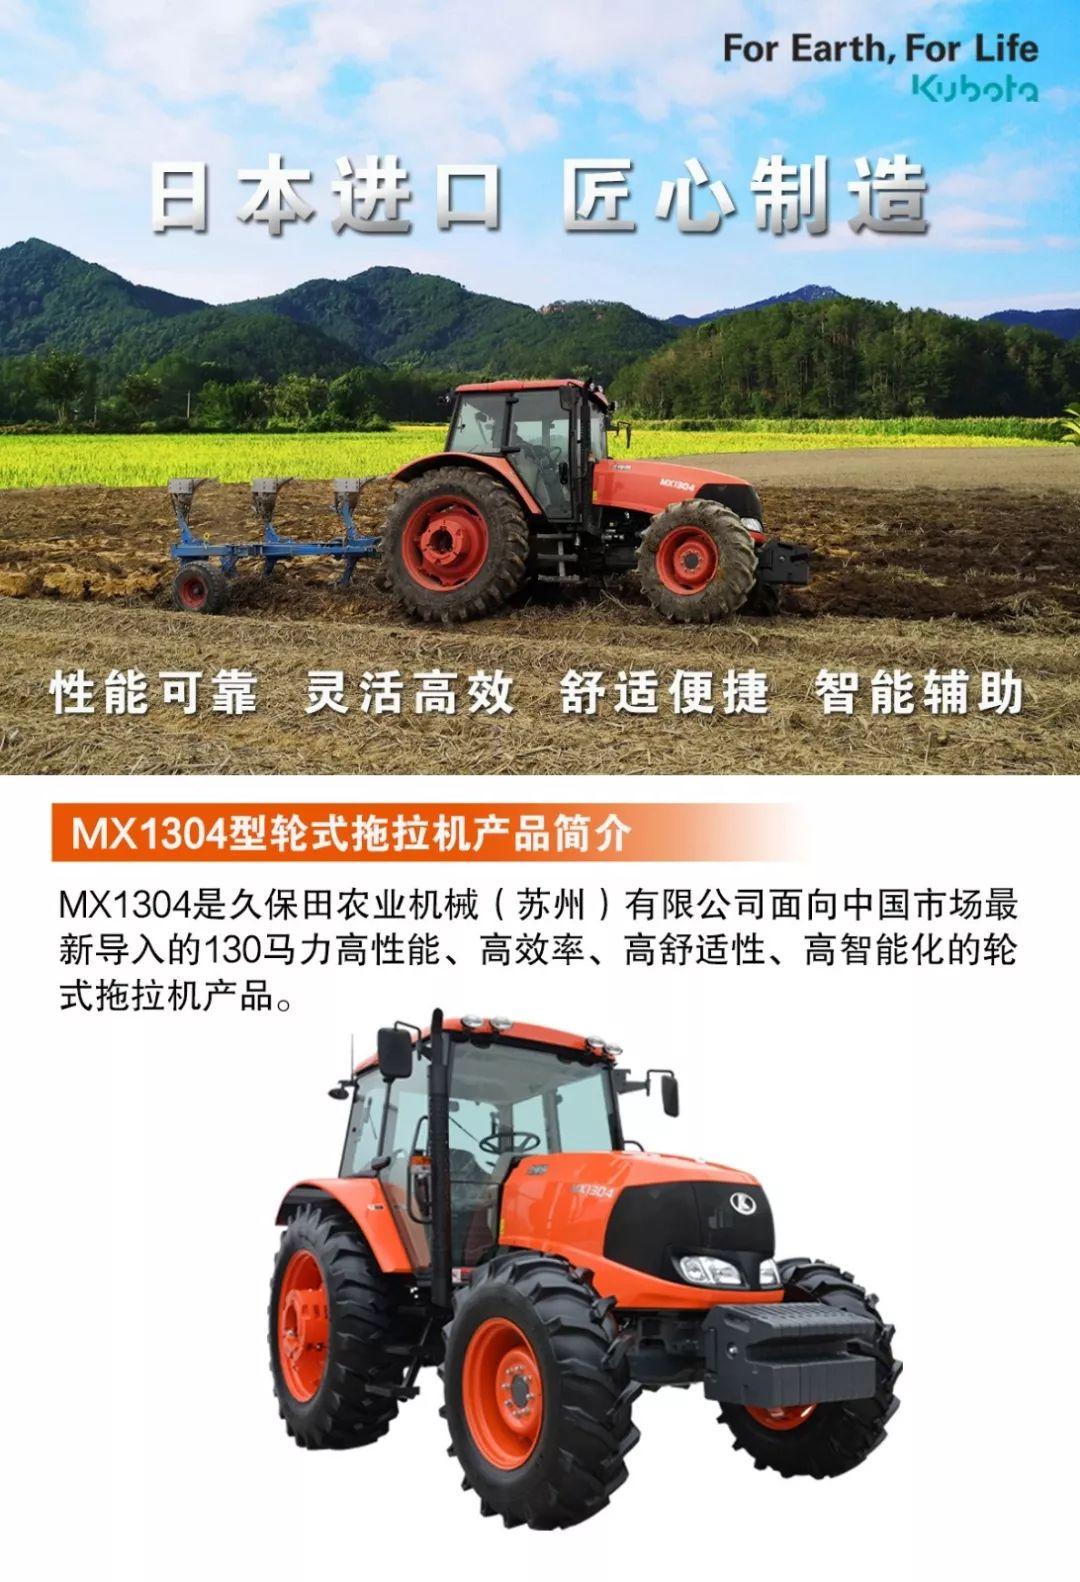 小麦播种机视频_久保田MX1304型轮式拖拉机详解_知谷农机网